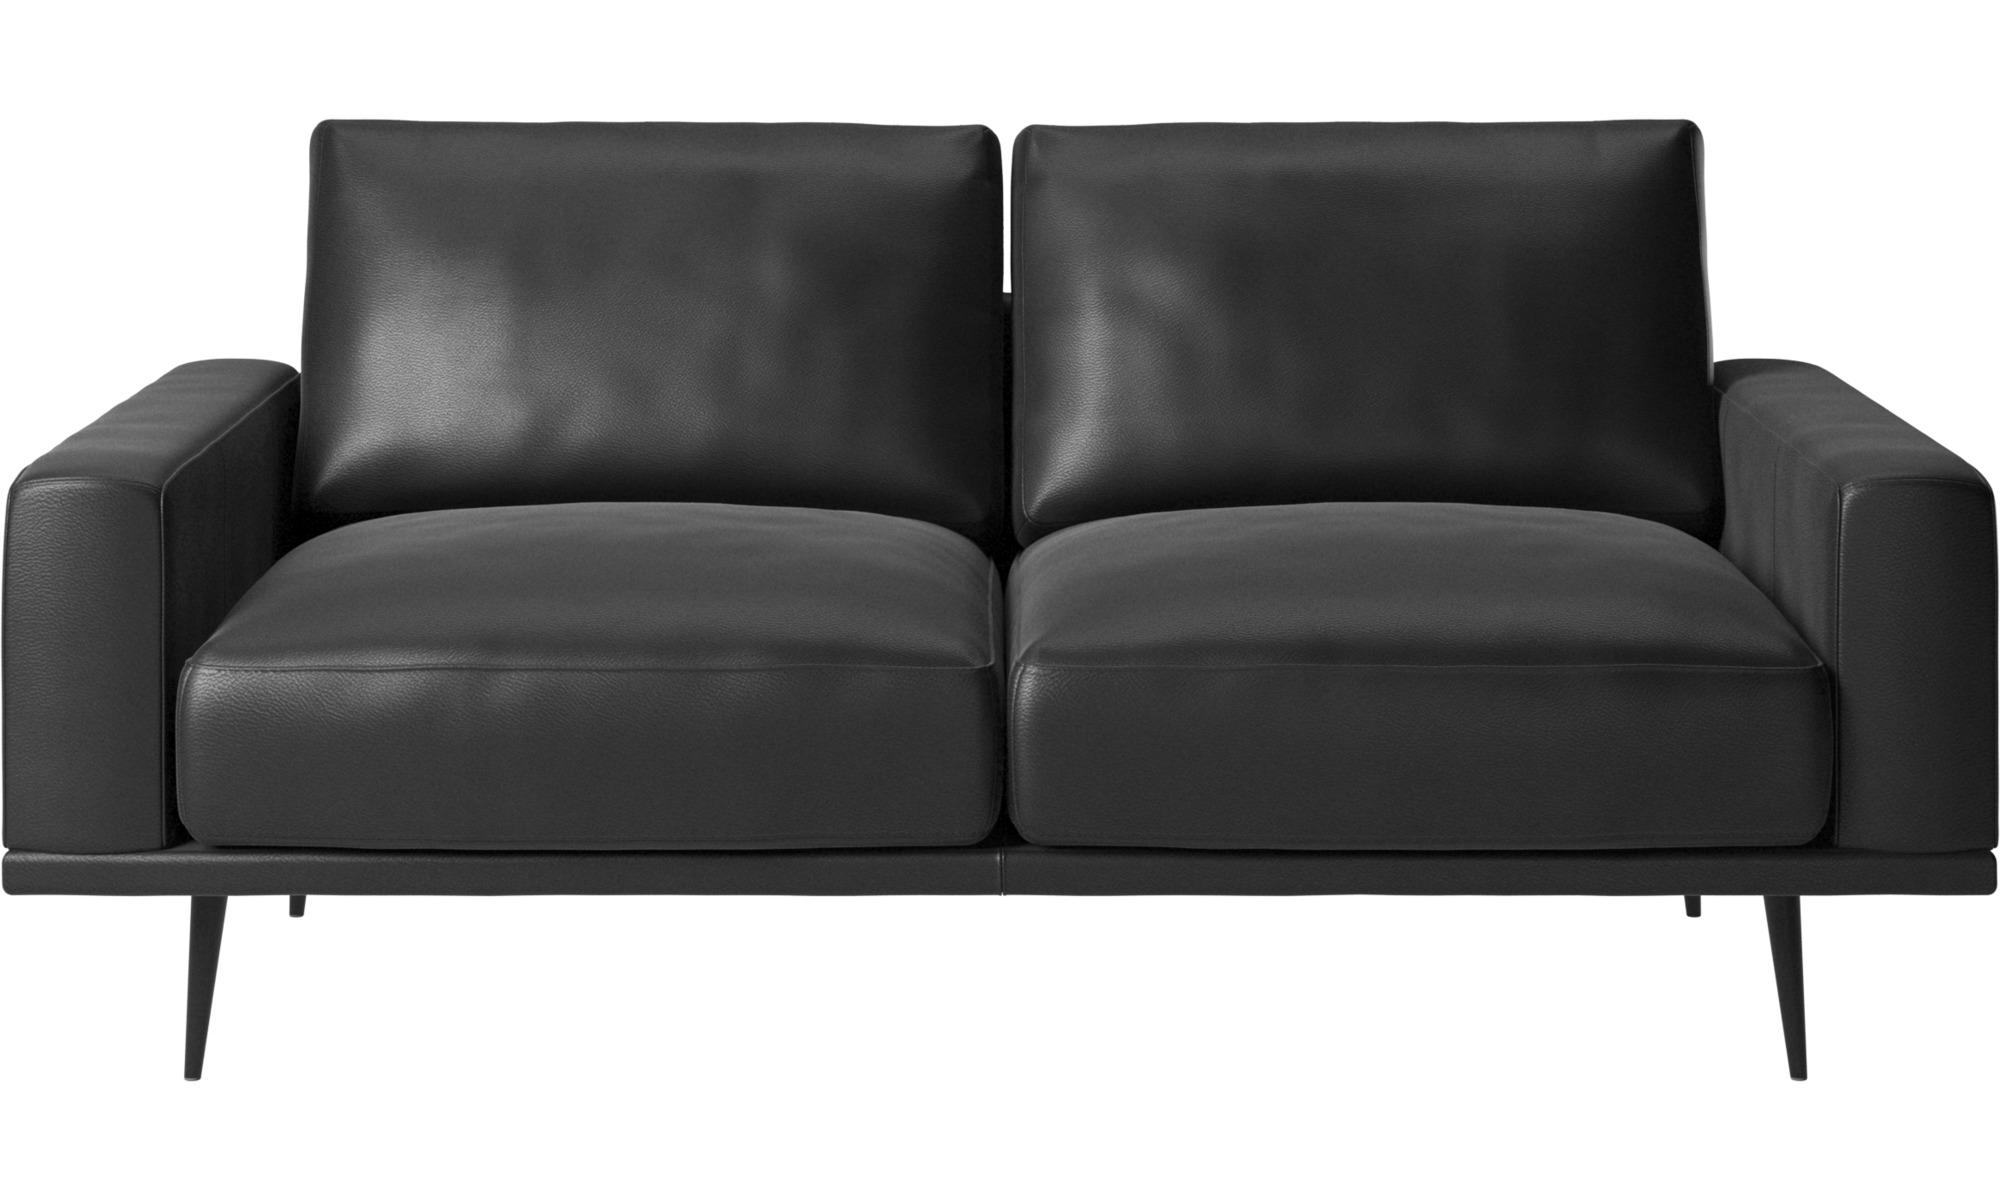 Divano Nero In Pelle.2 Seater Sofas Carlton Divano Boconcept